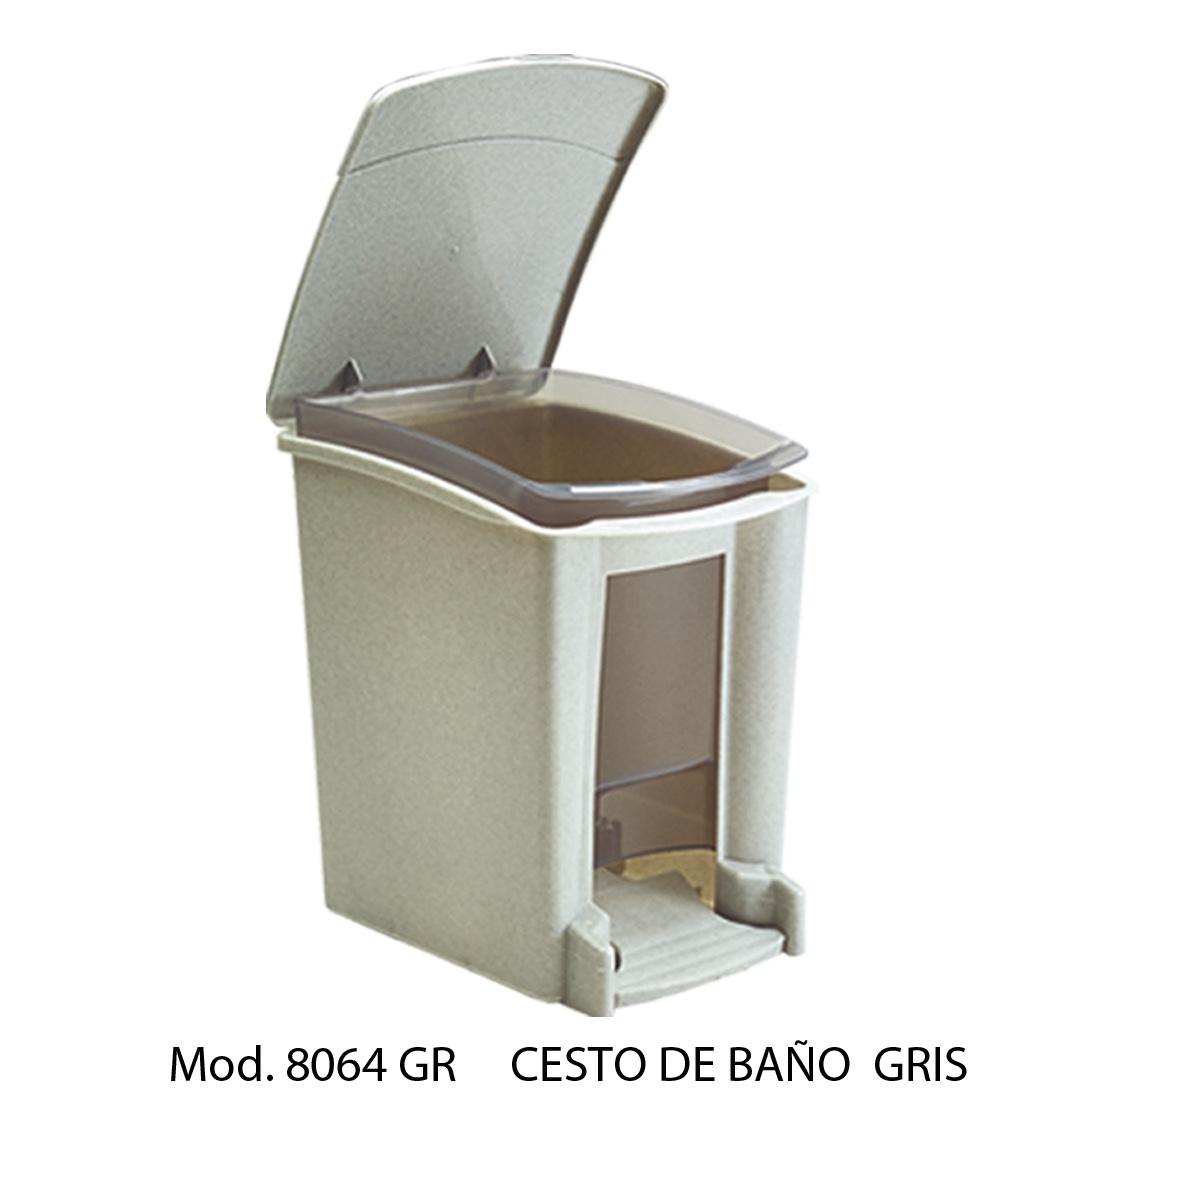 Botes de basura para ba o con pedal sabl n for Objetivo de bano de basura